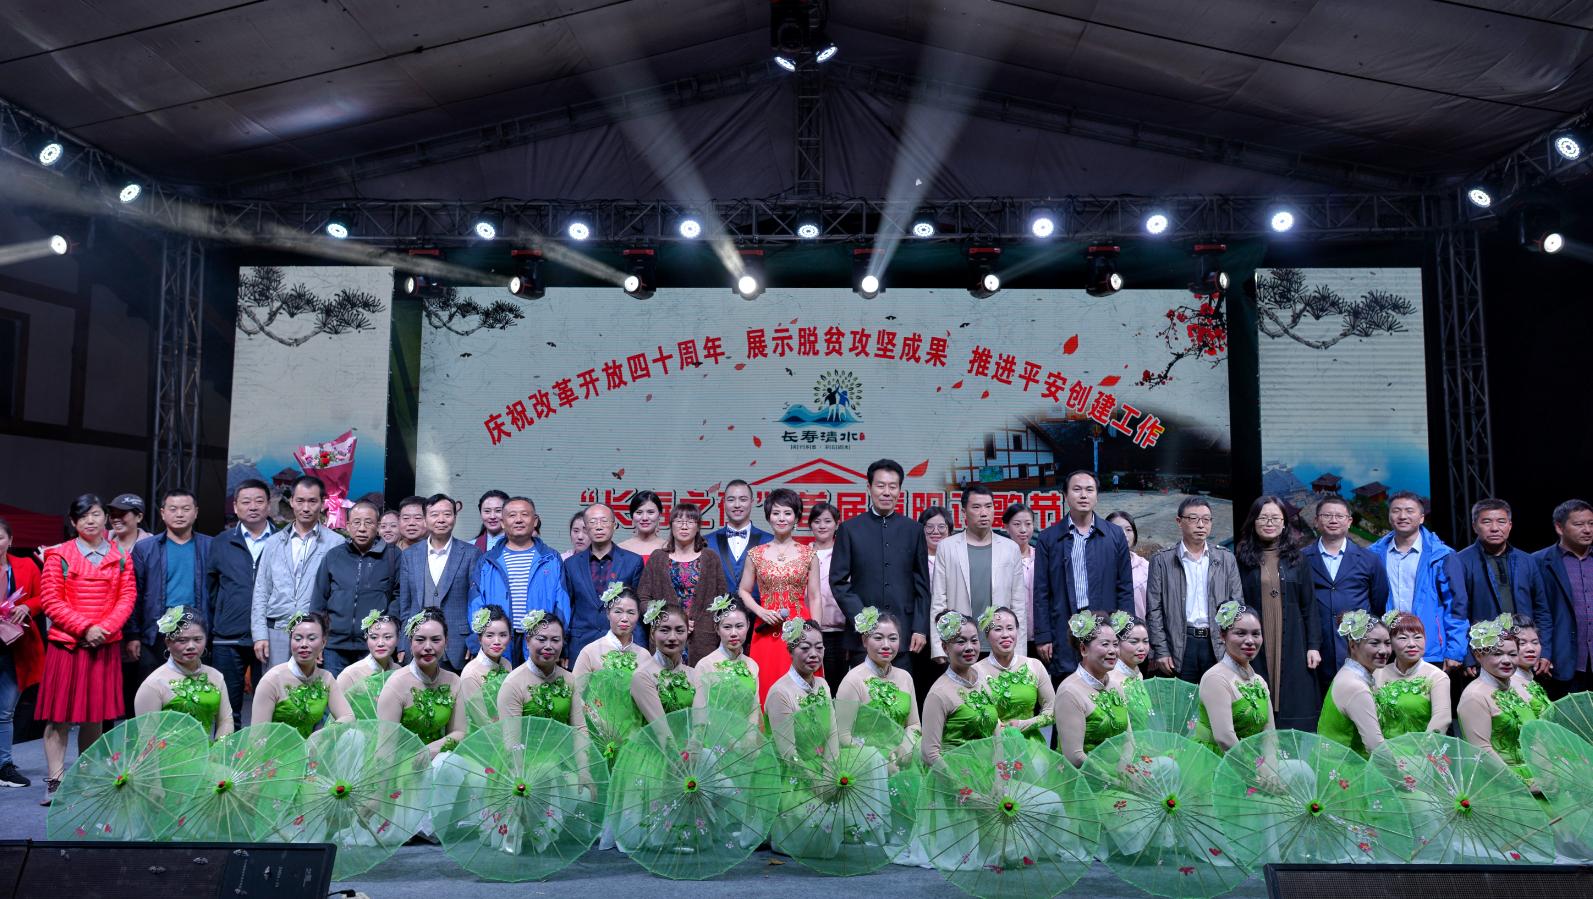 首届重阳诗歌节在湖南长寿清水村举行